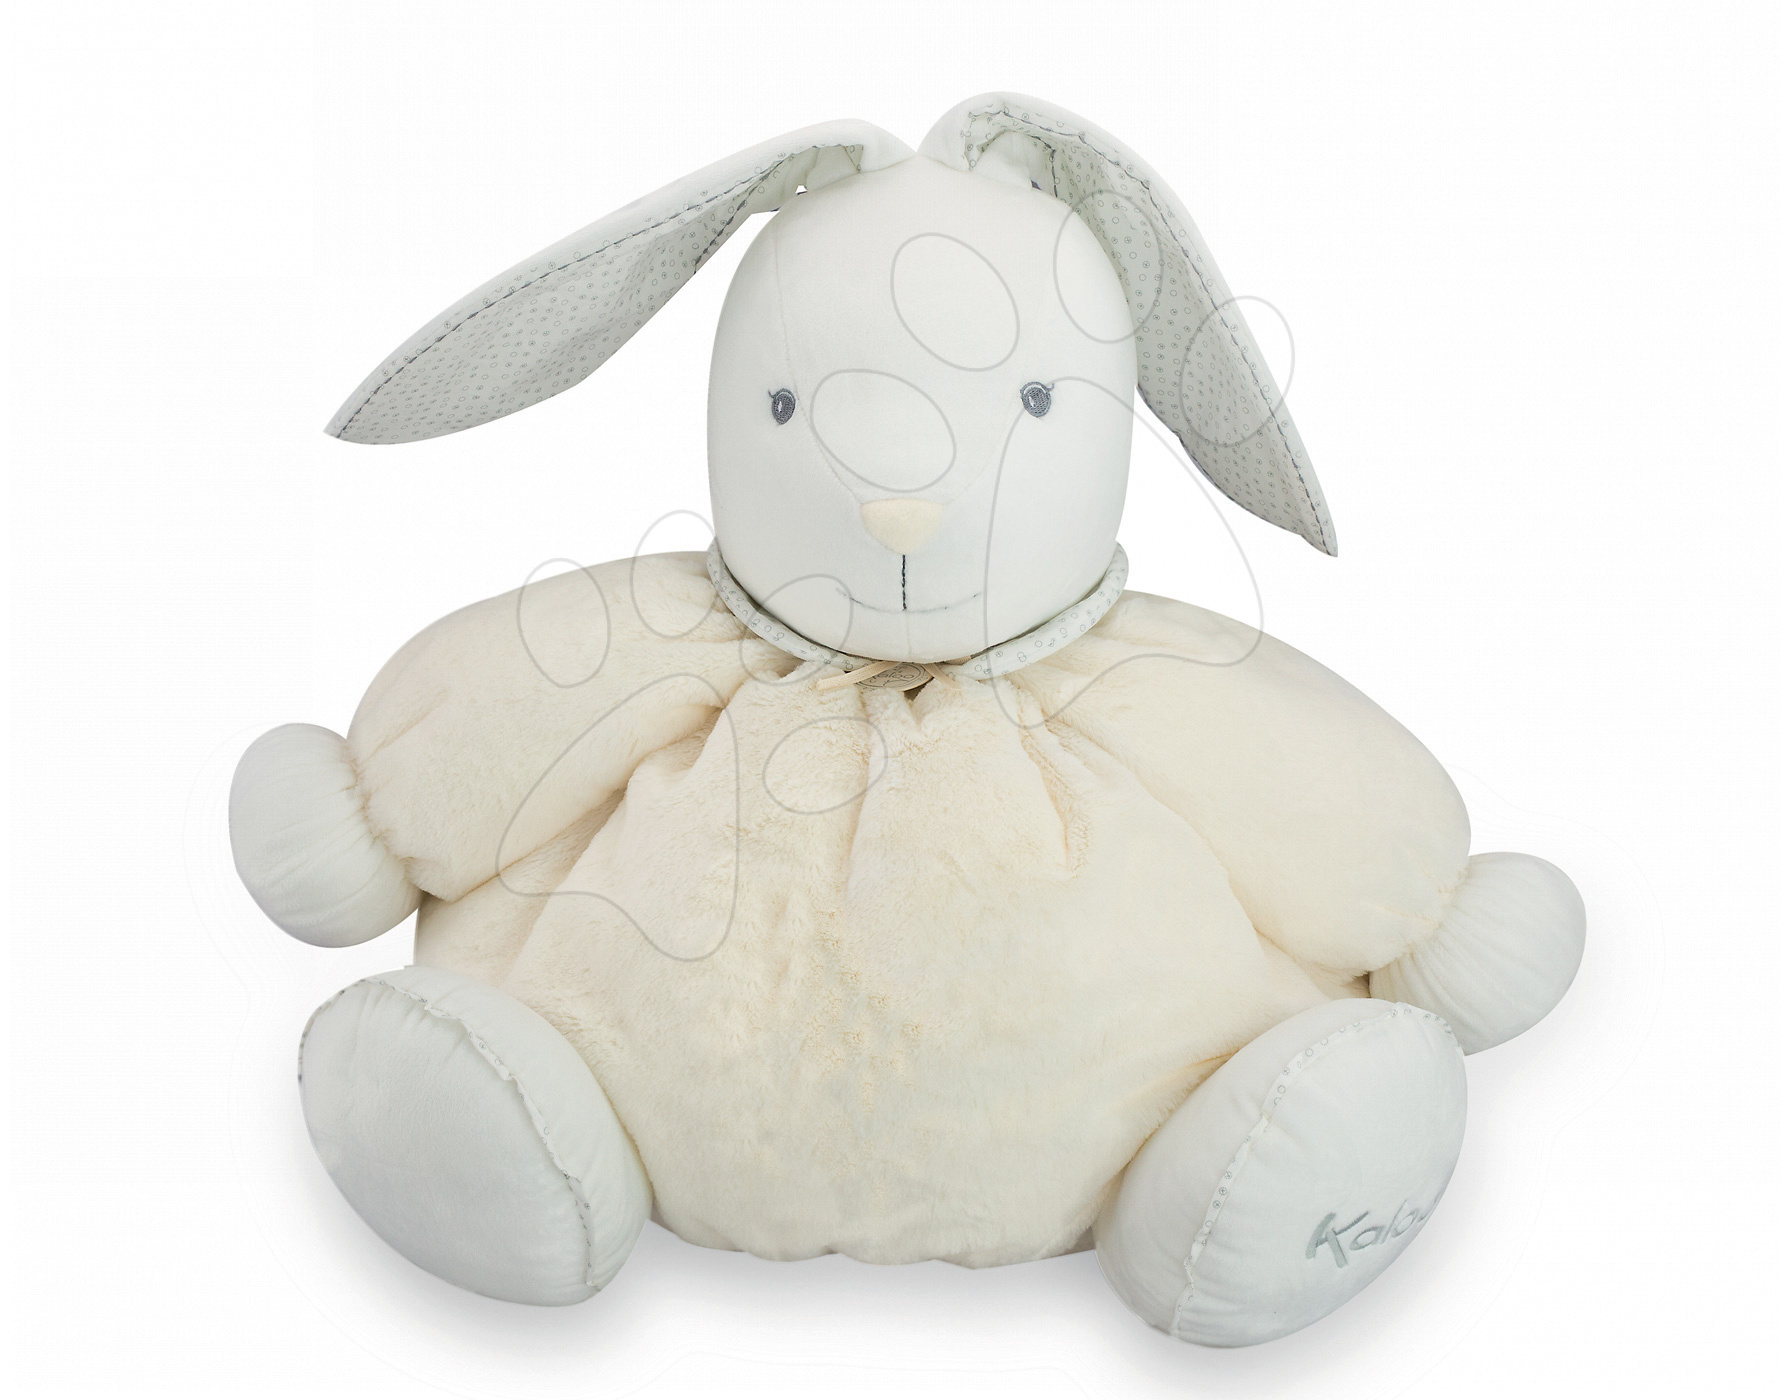 Plyšový zajačik Perle-Maxi Rabbit Kaloo 50 cm pre najmenších krémový